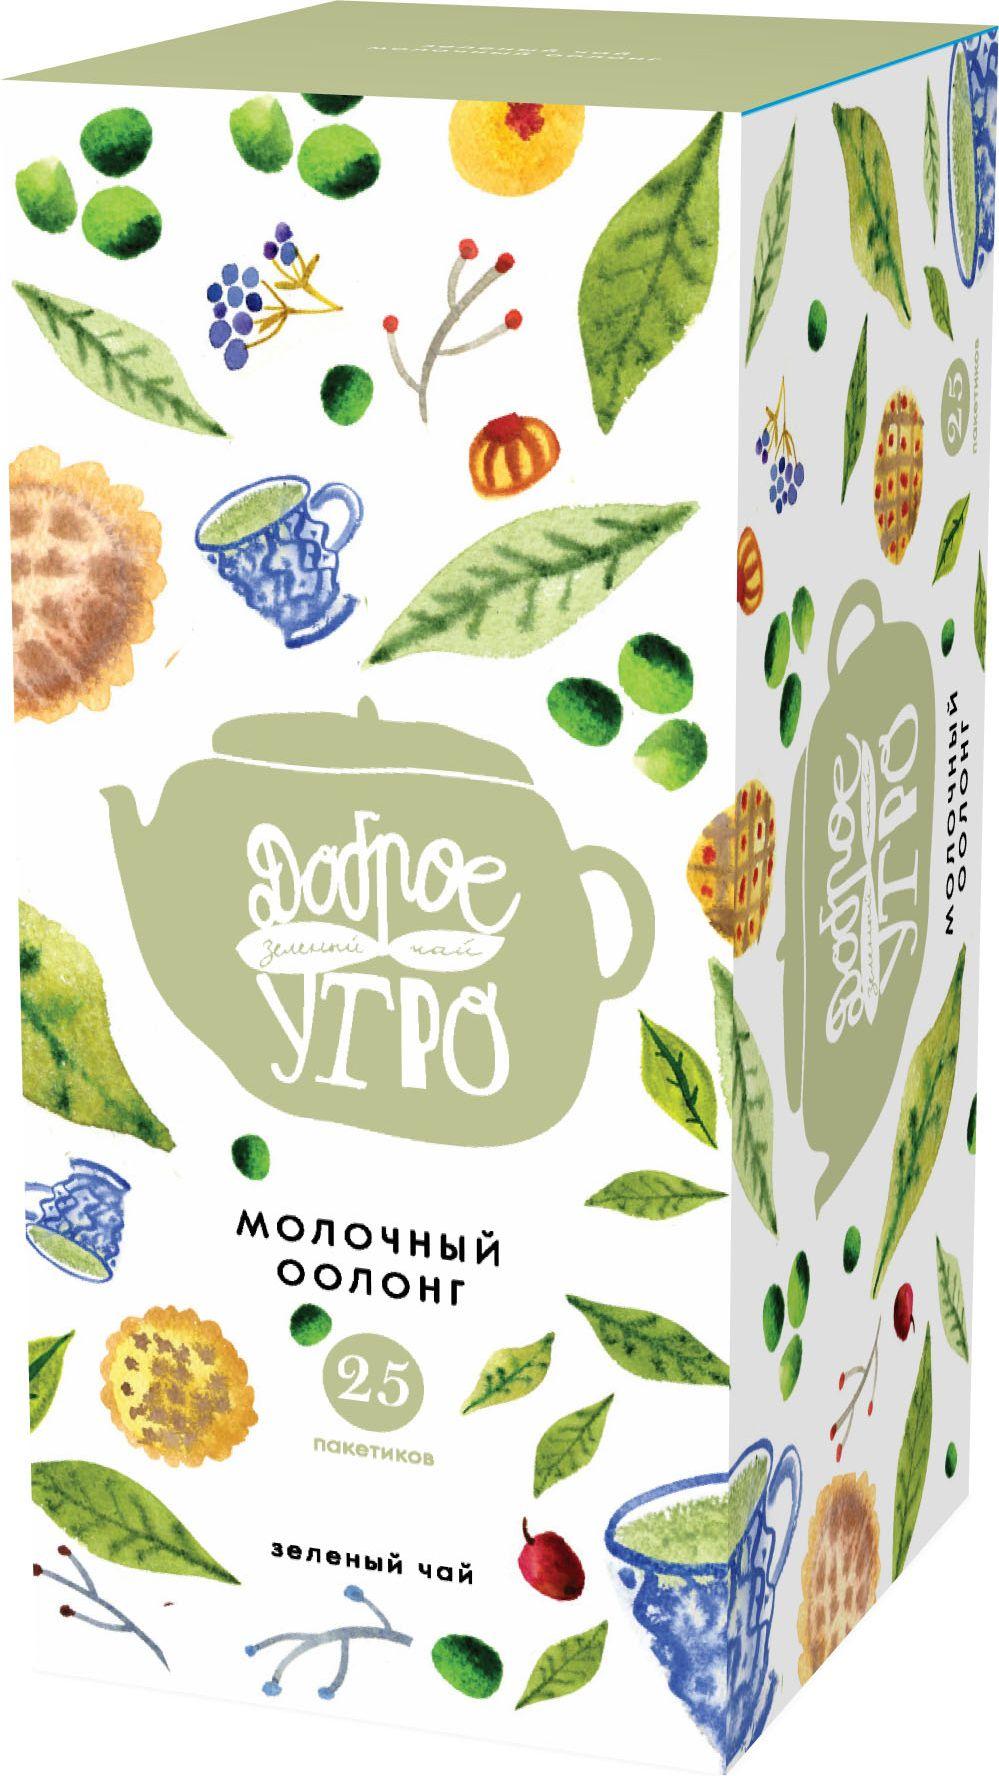 Доброе утро Молочный Оолонг зеленый чай в пакетиках, 25 шт4607051543676Зеленый чай Молочный Оолонг.